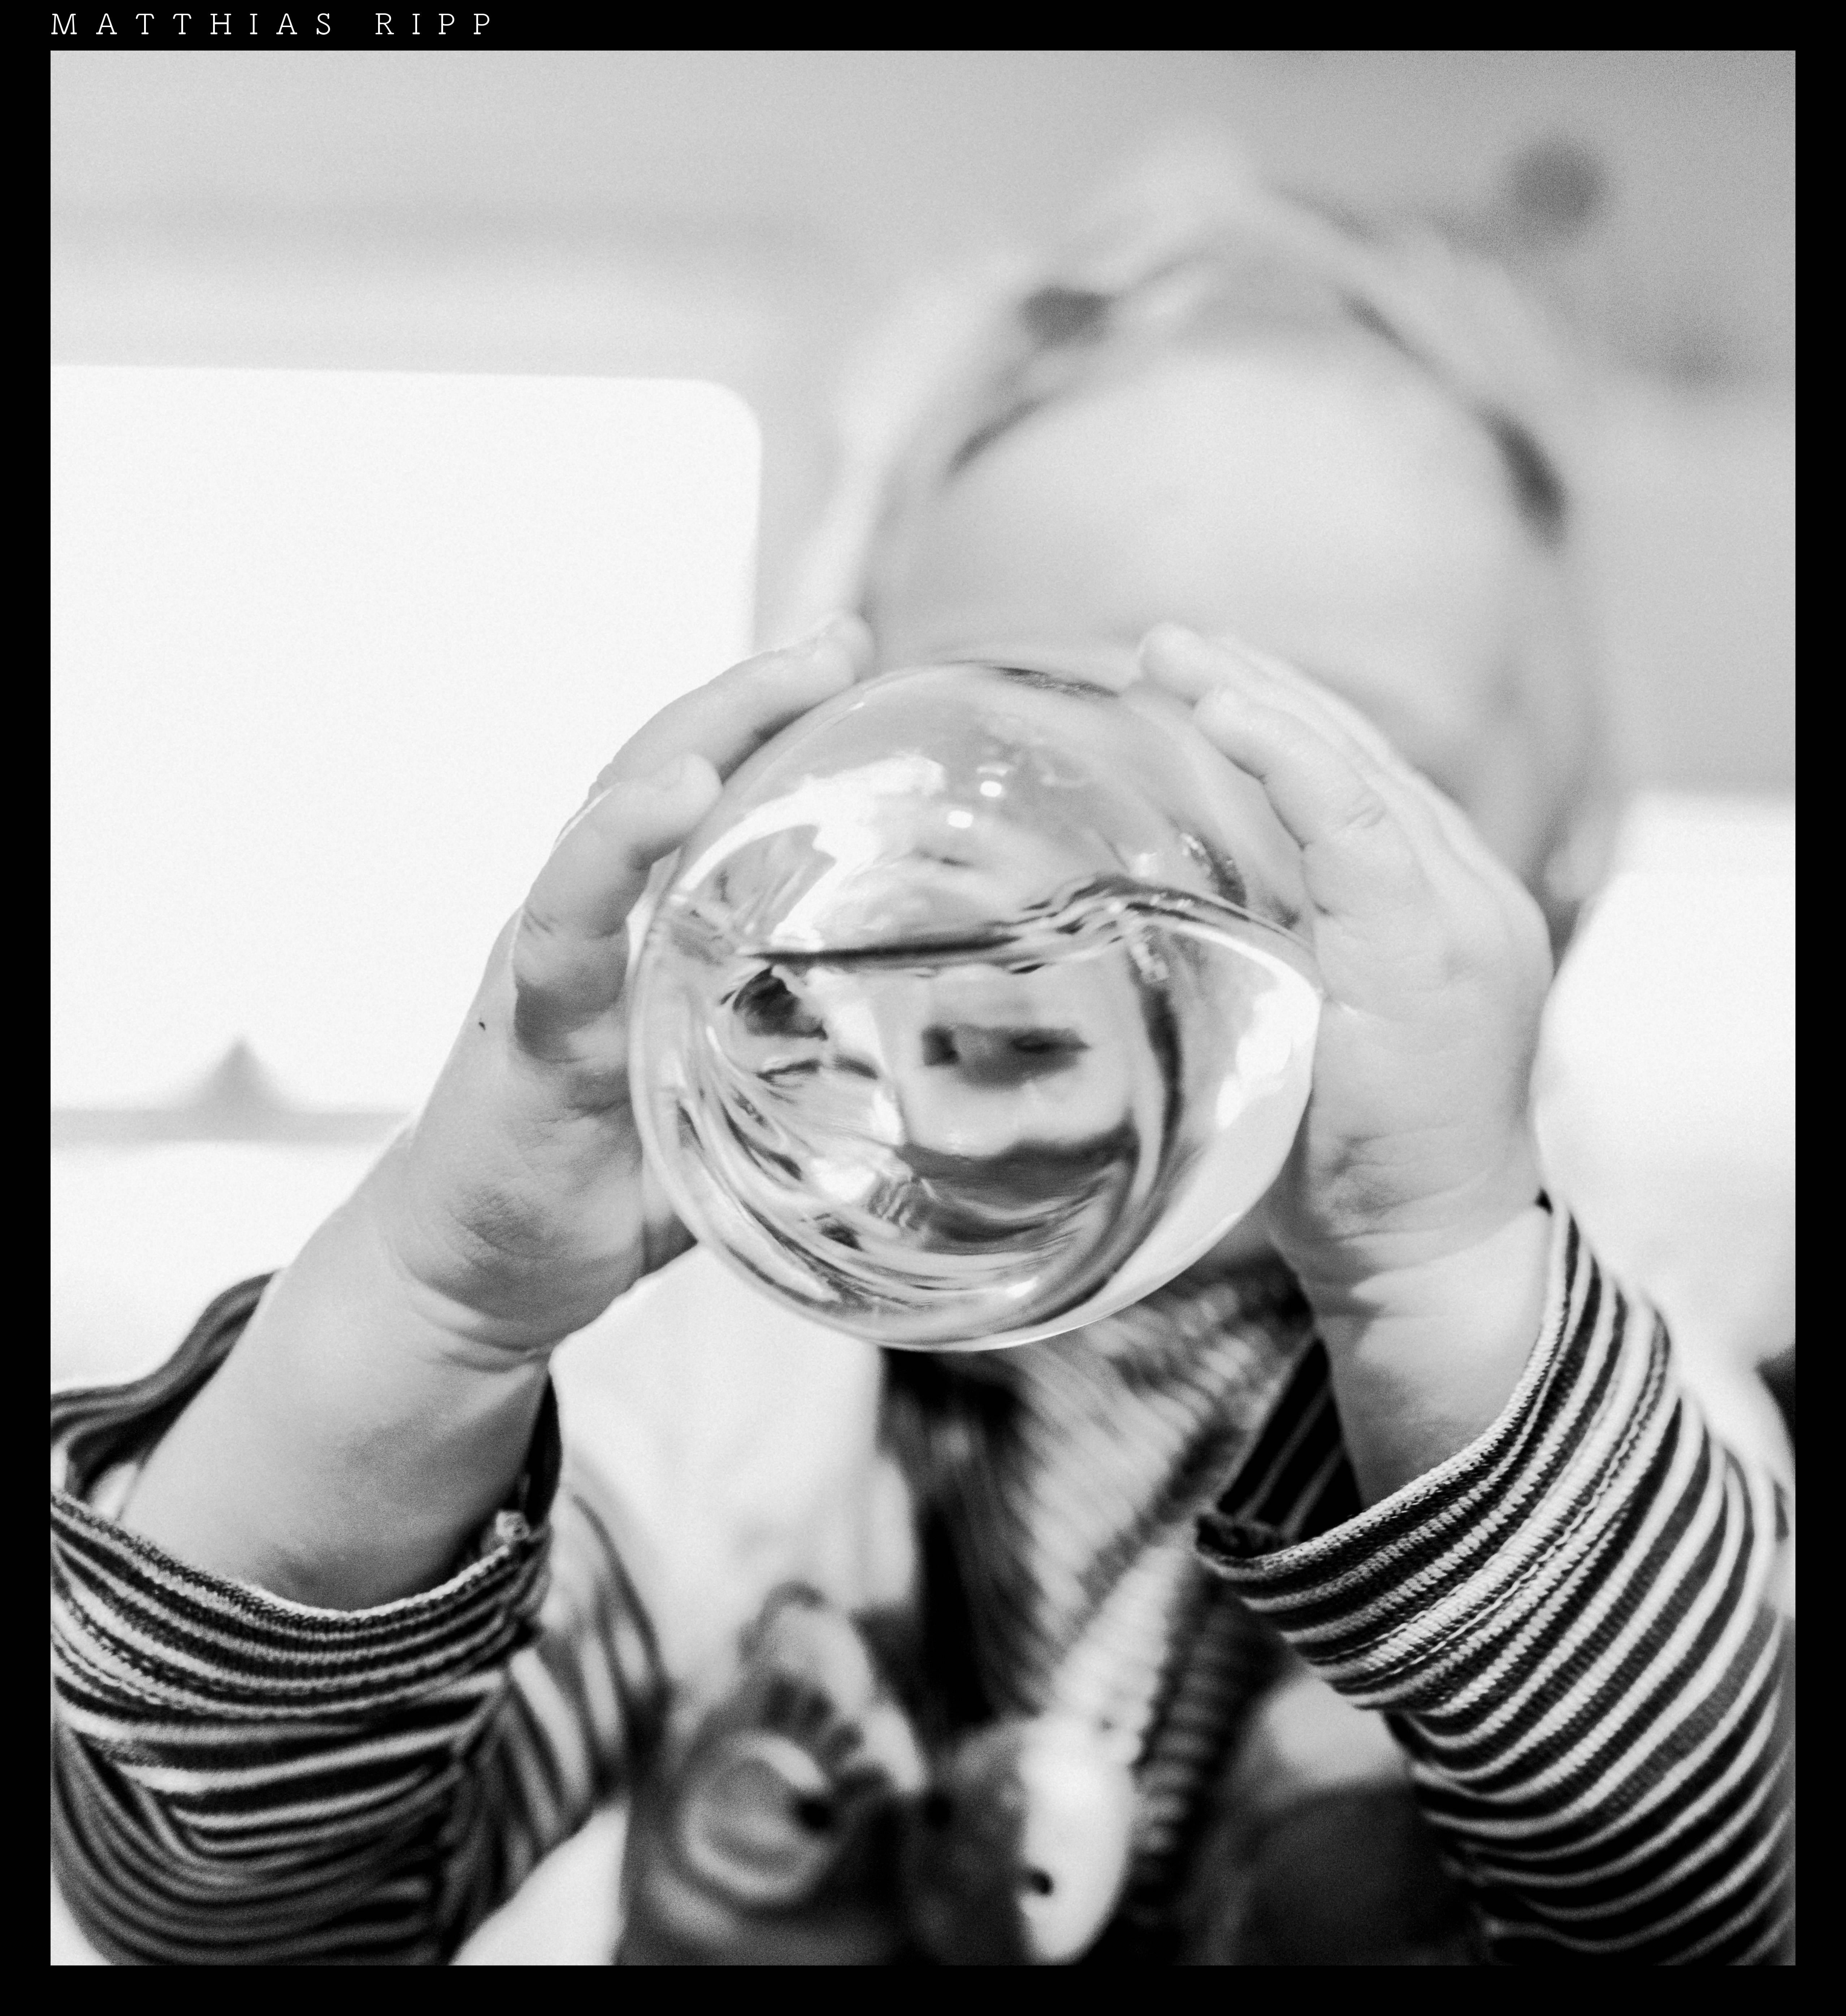 Kostenlose foto : Hand, Tabelle, Wasser, Person, Schwarz und weiß ...